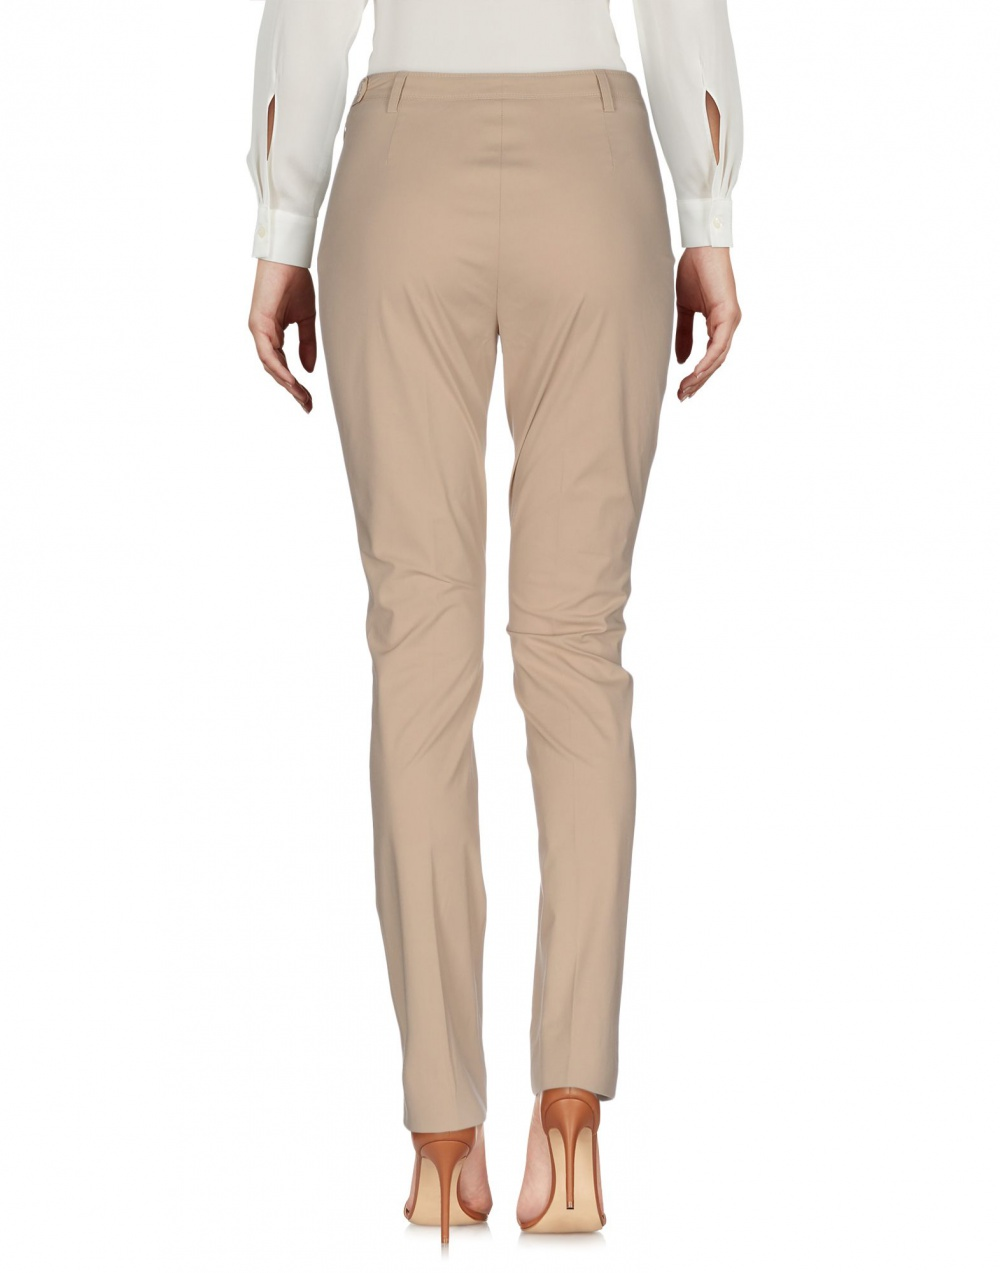 Итальянские бежевые брюки Cruciani 42IT новые, оригинал